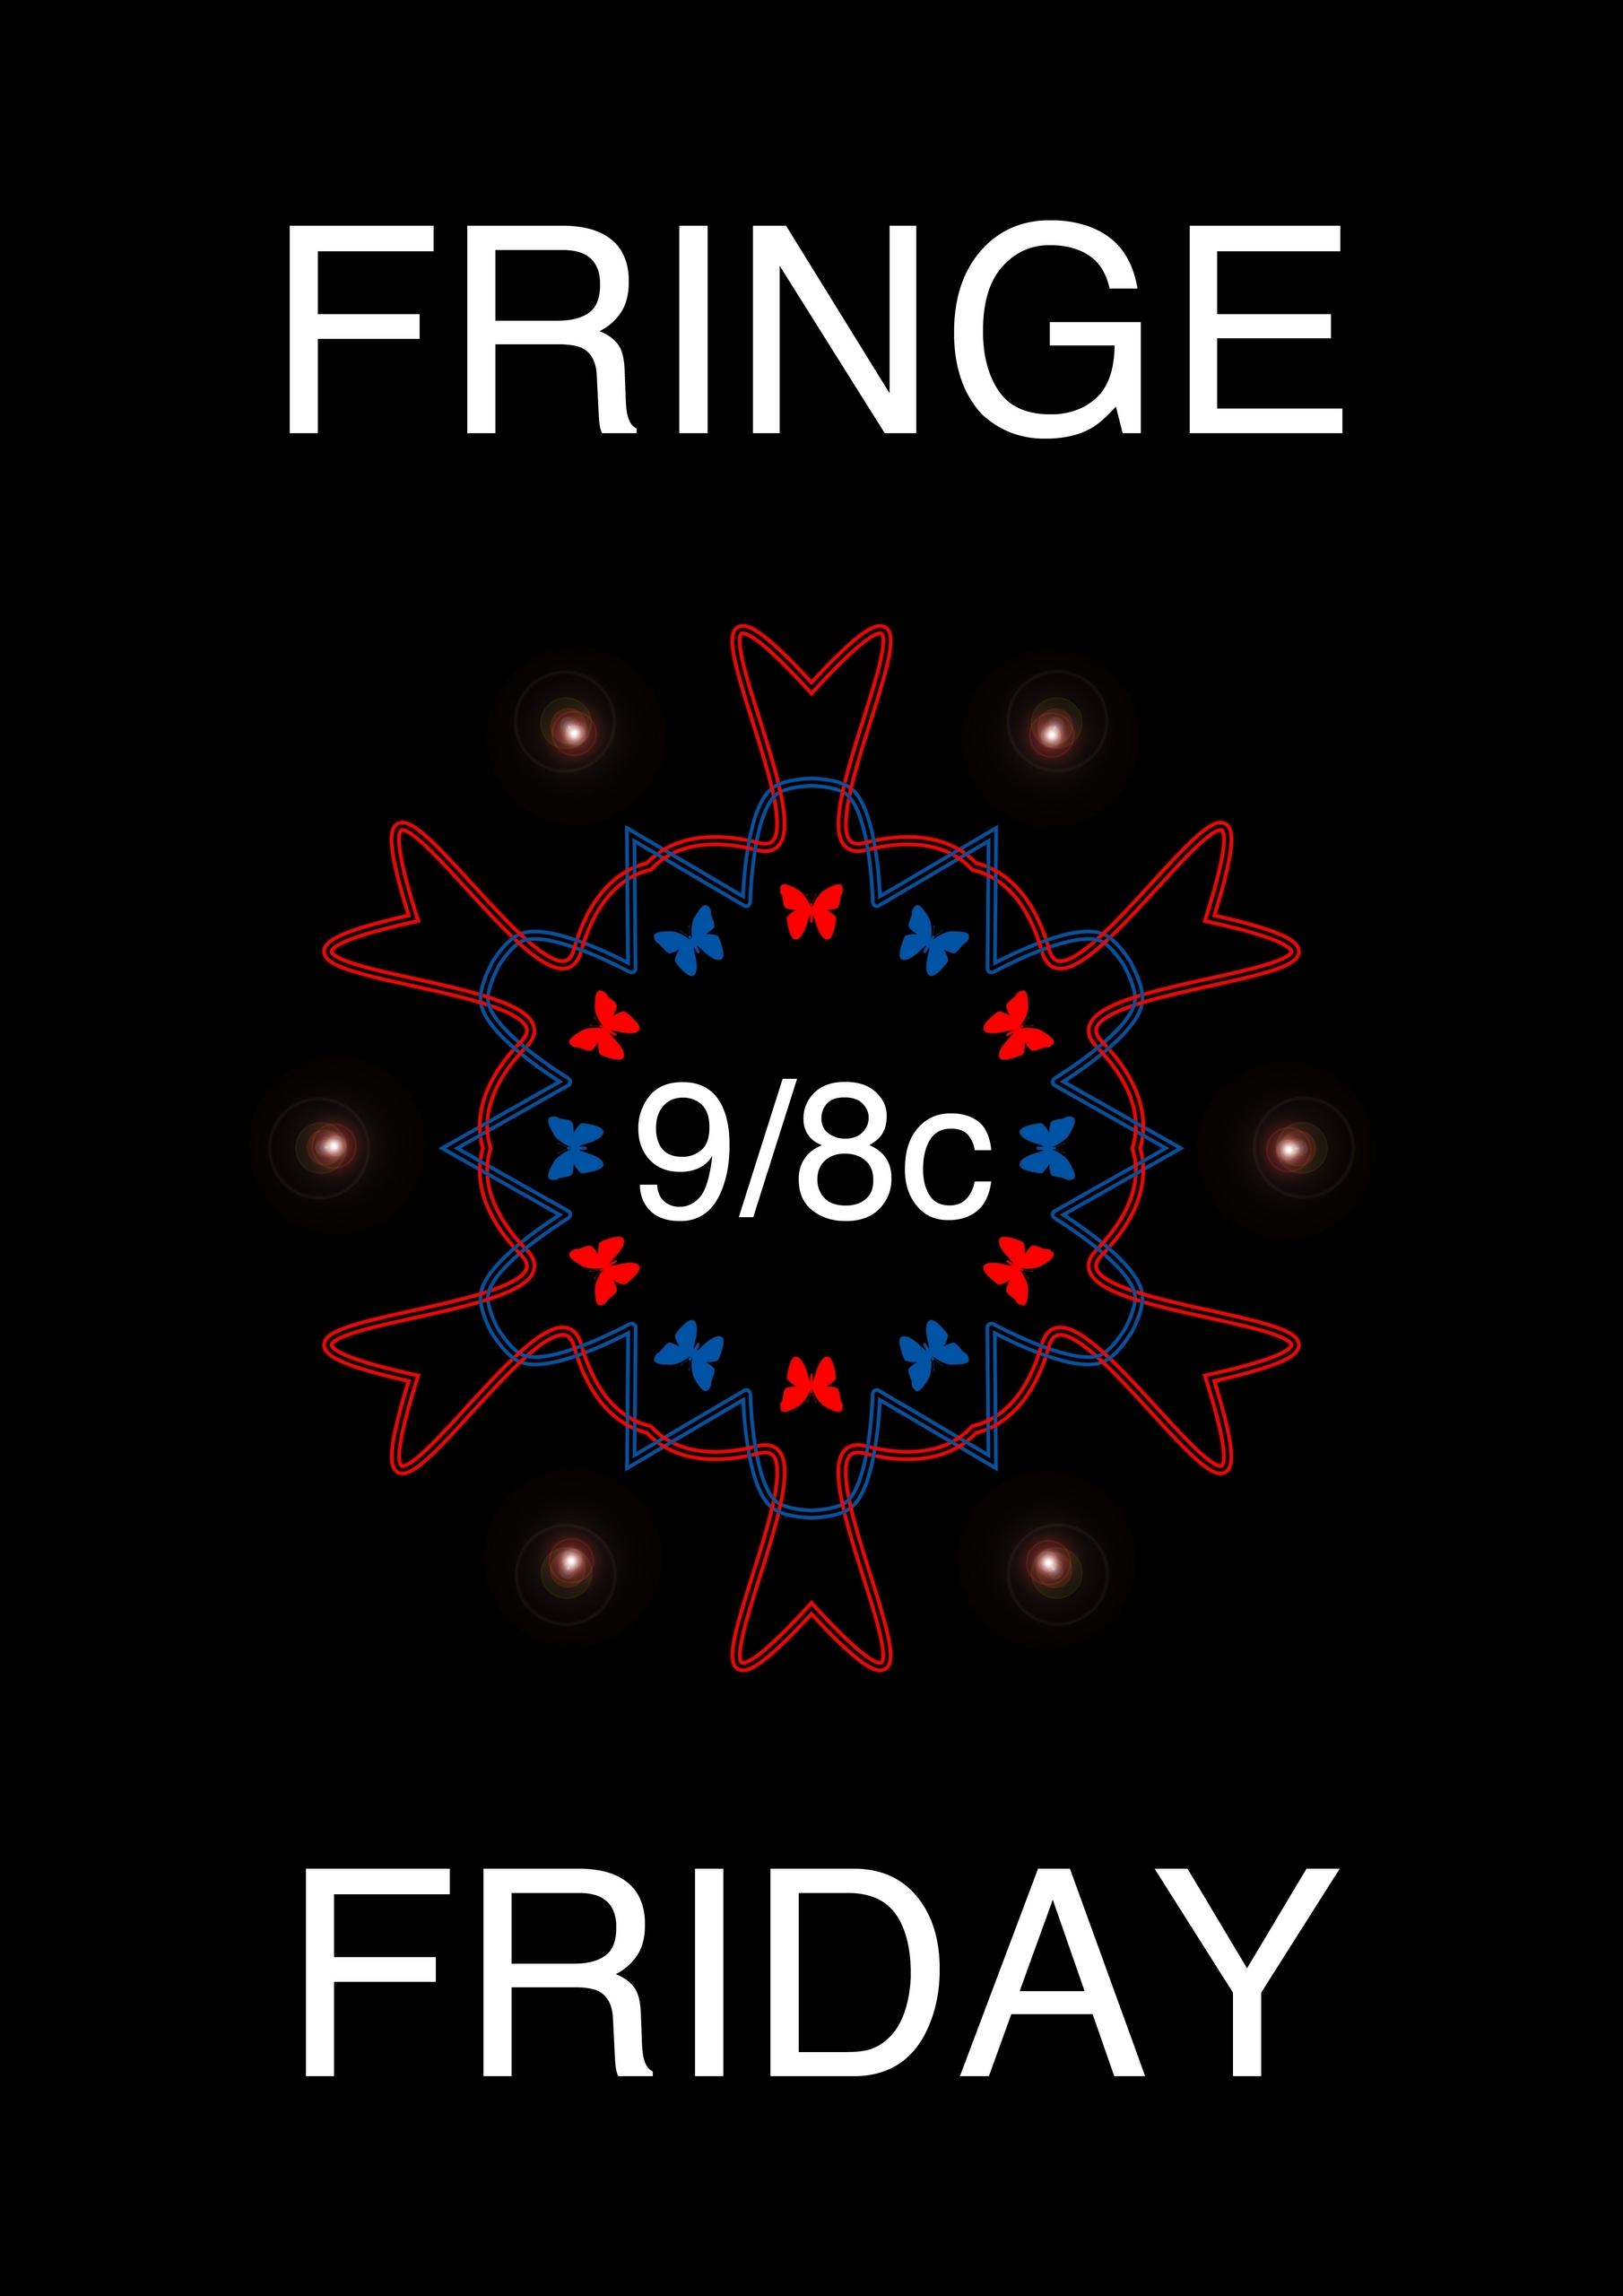 Fringe Friday